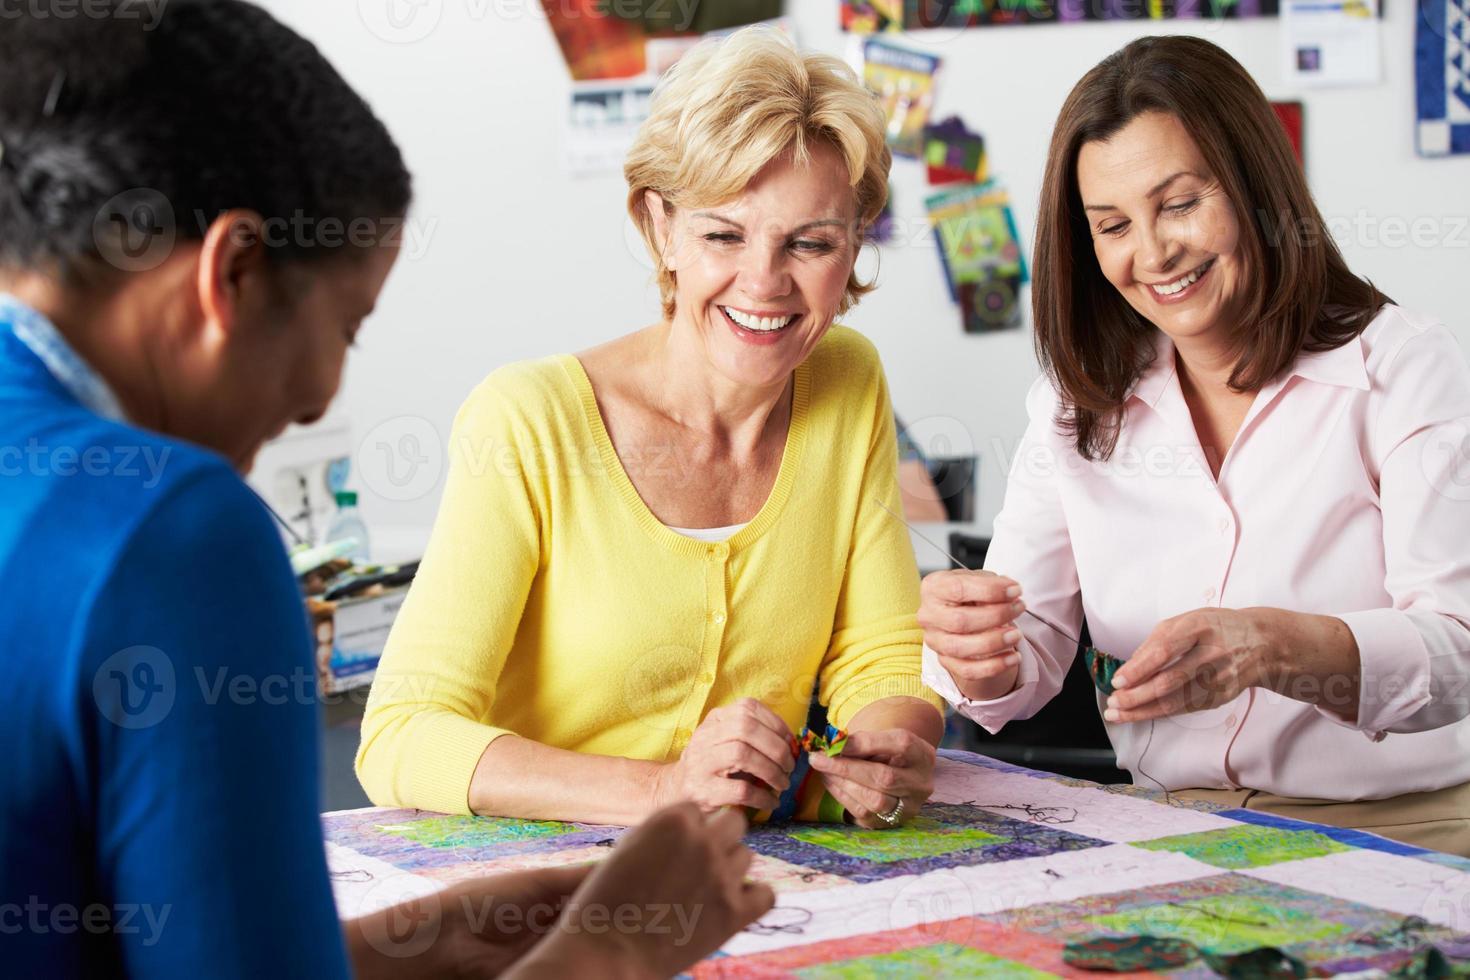 groep vrouwen die samen quilt maken foto